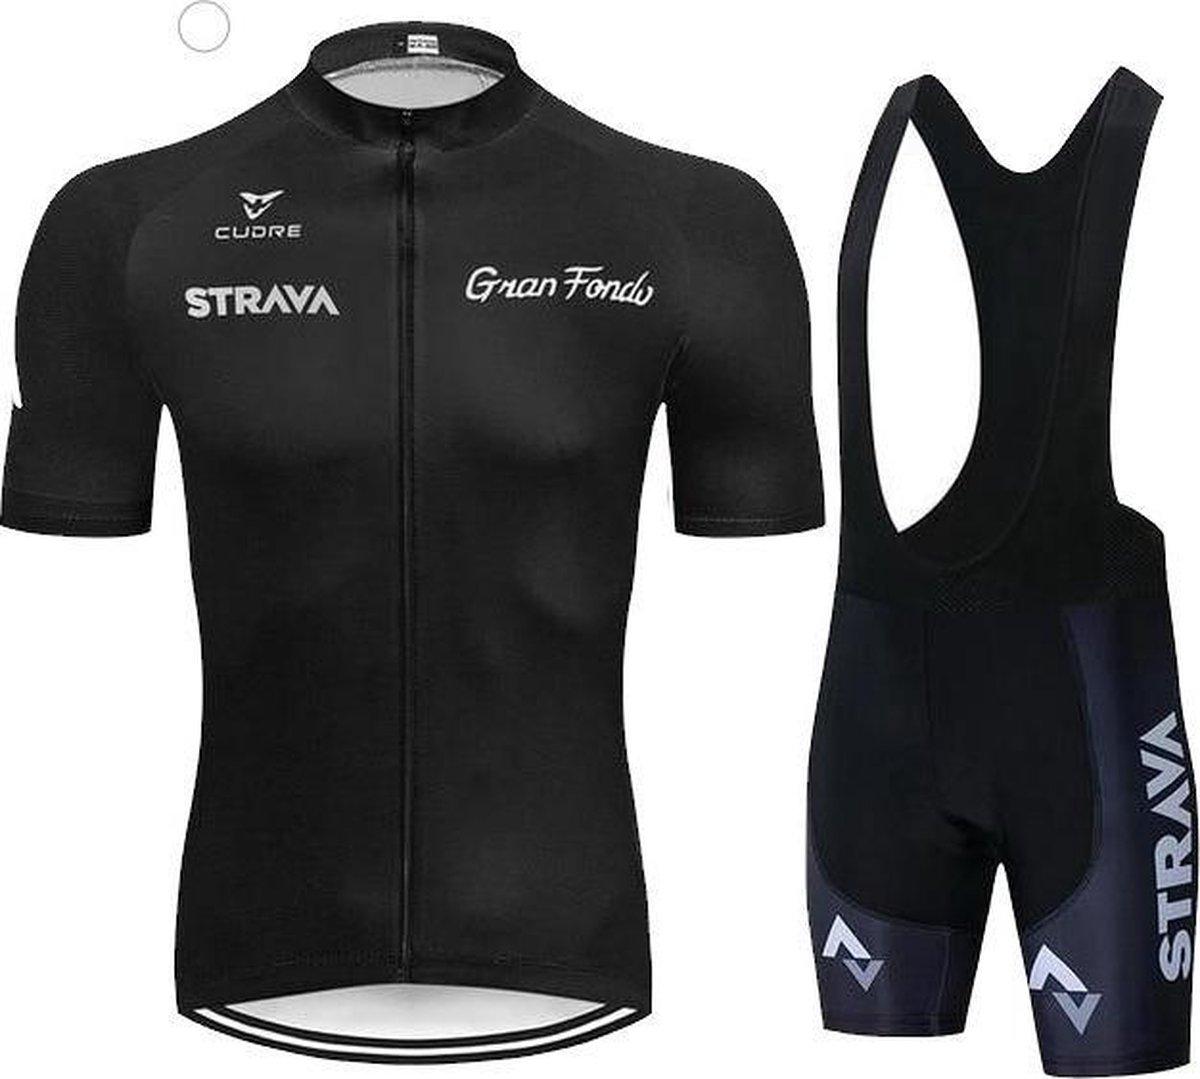 Gran Fondo  - wielerkleding - Grijs - wielerset - maat L - fiets - shirt - wieleroutfit - fietskledi